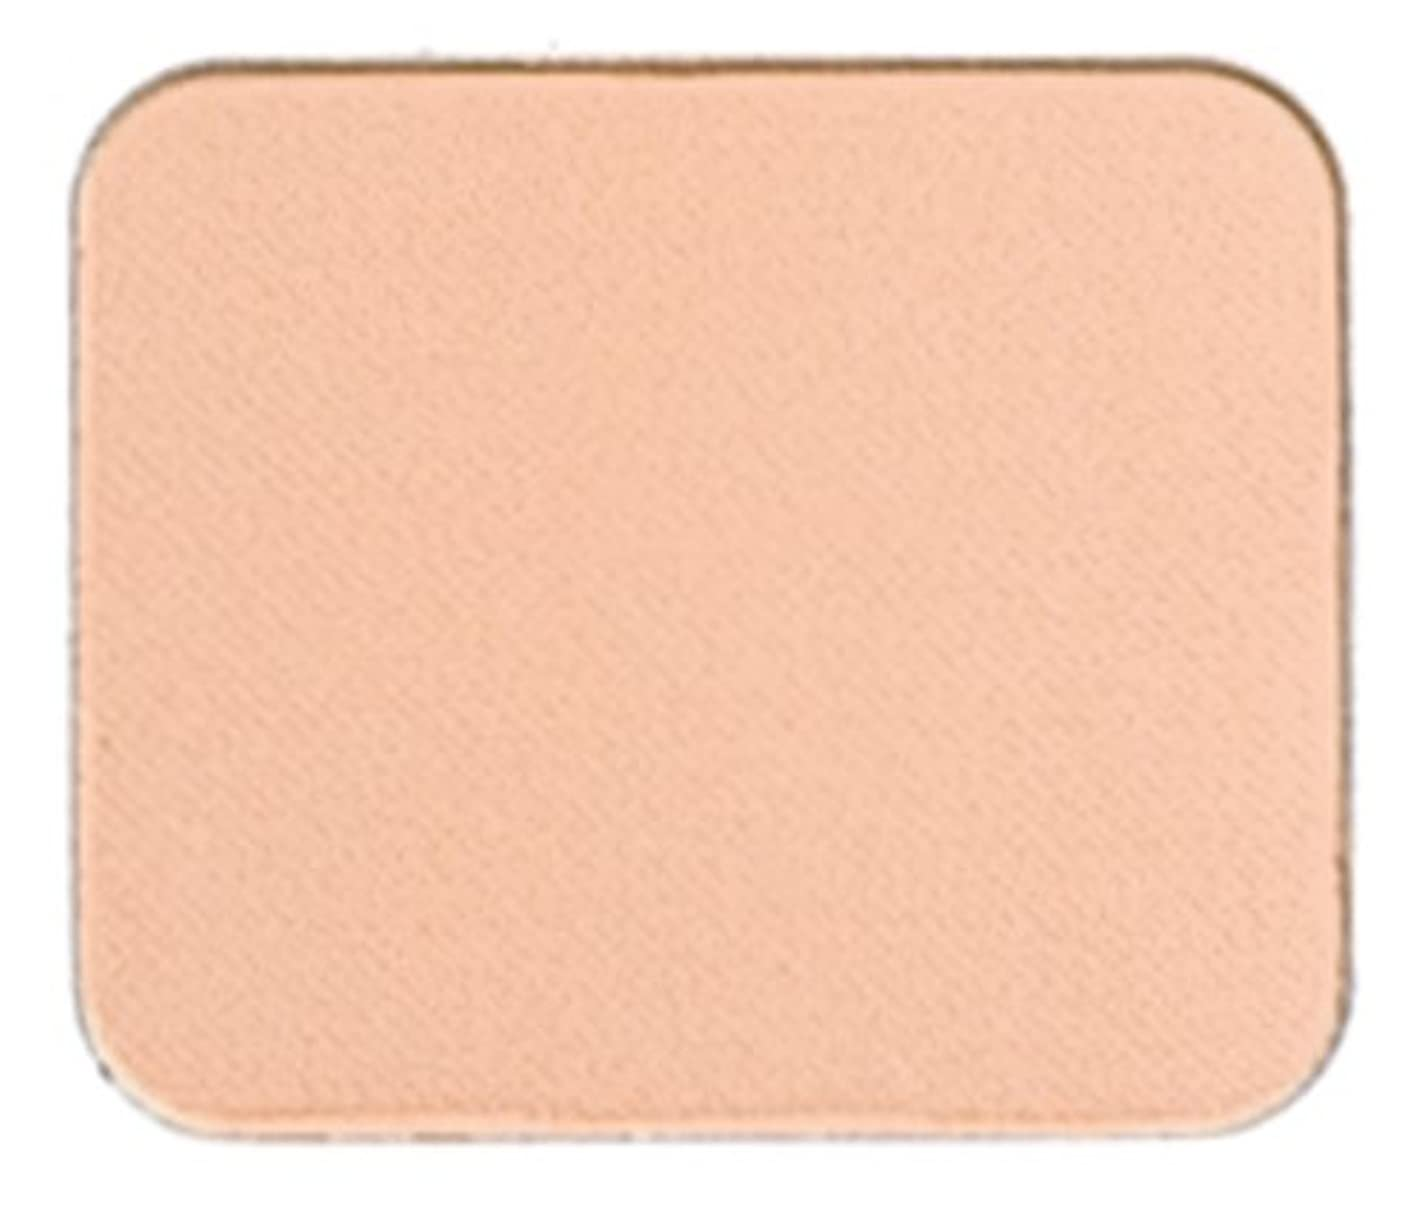 フォーム居眠りする郵便物ドクターシーラボ BBパーフェクト ファンデーション WHITE377プラス レフィル ナチュラル2 (平均的な肌色) 12g SPF25 PA++